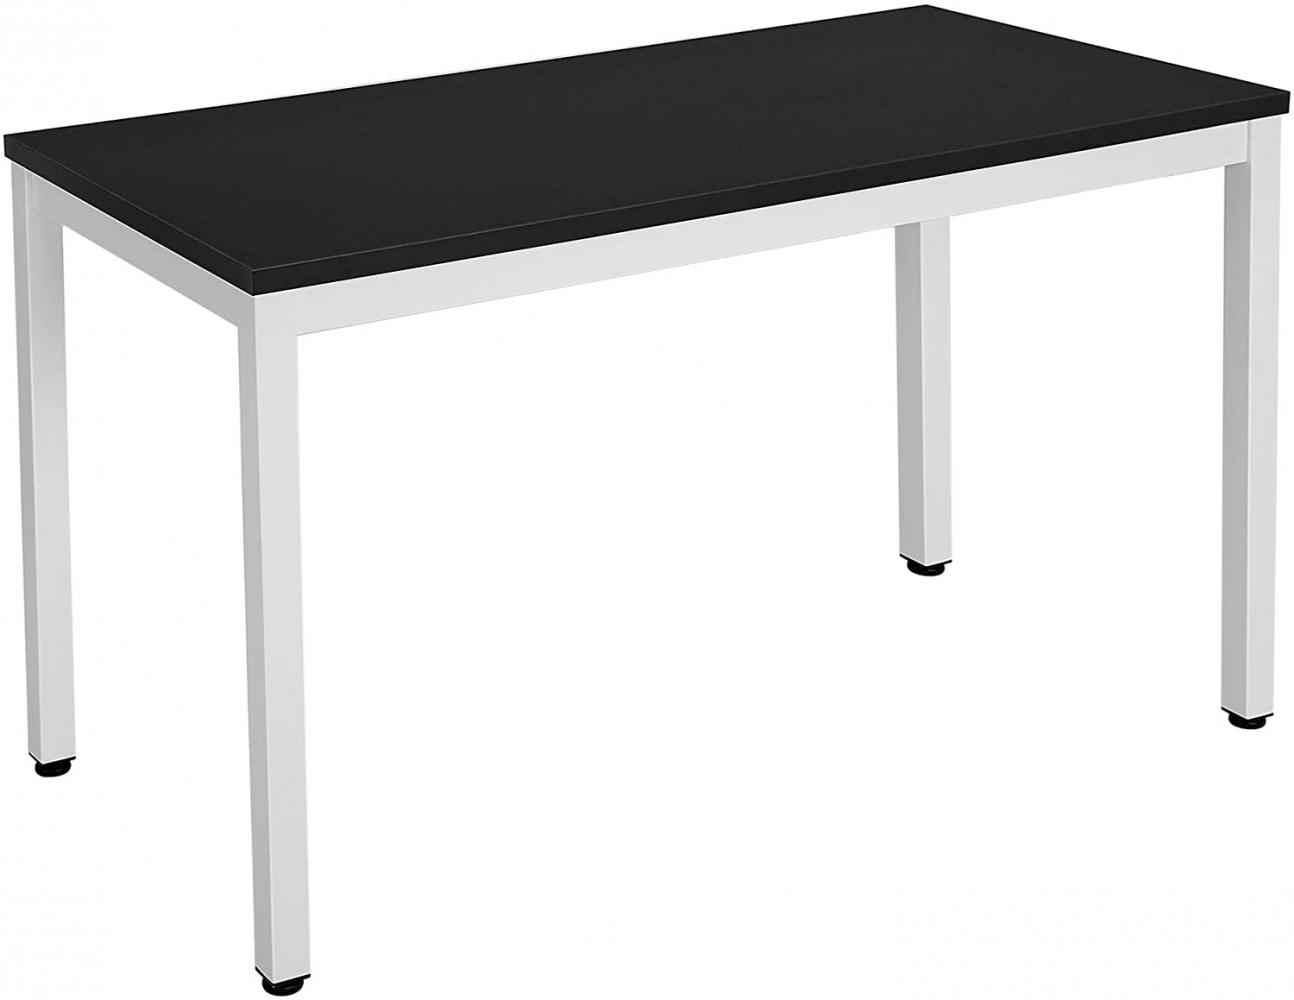 Kancelářský stůl Dolly, 120 cm, bílá / černá